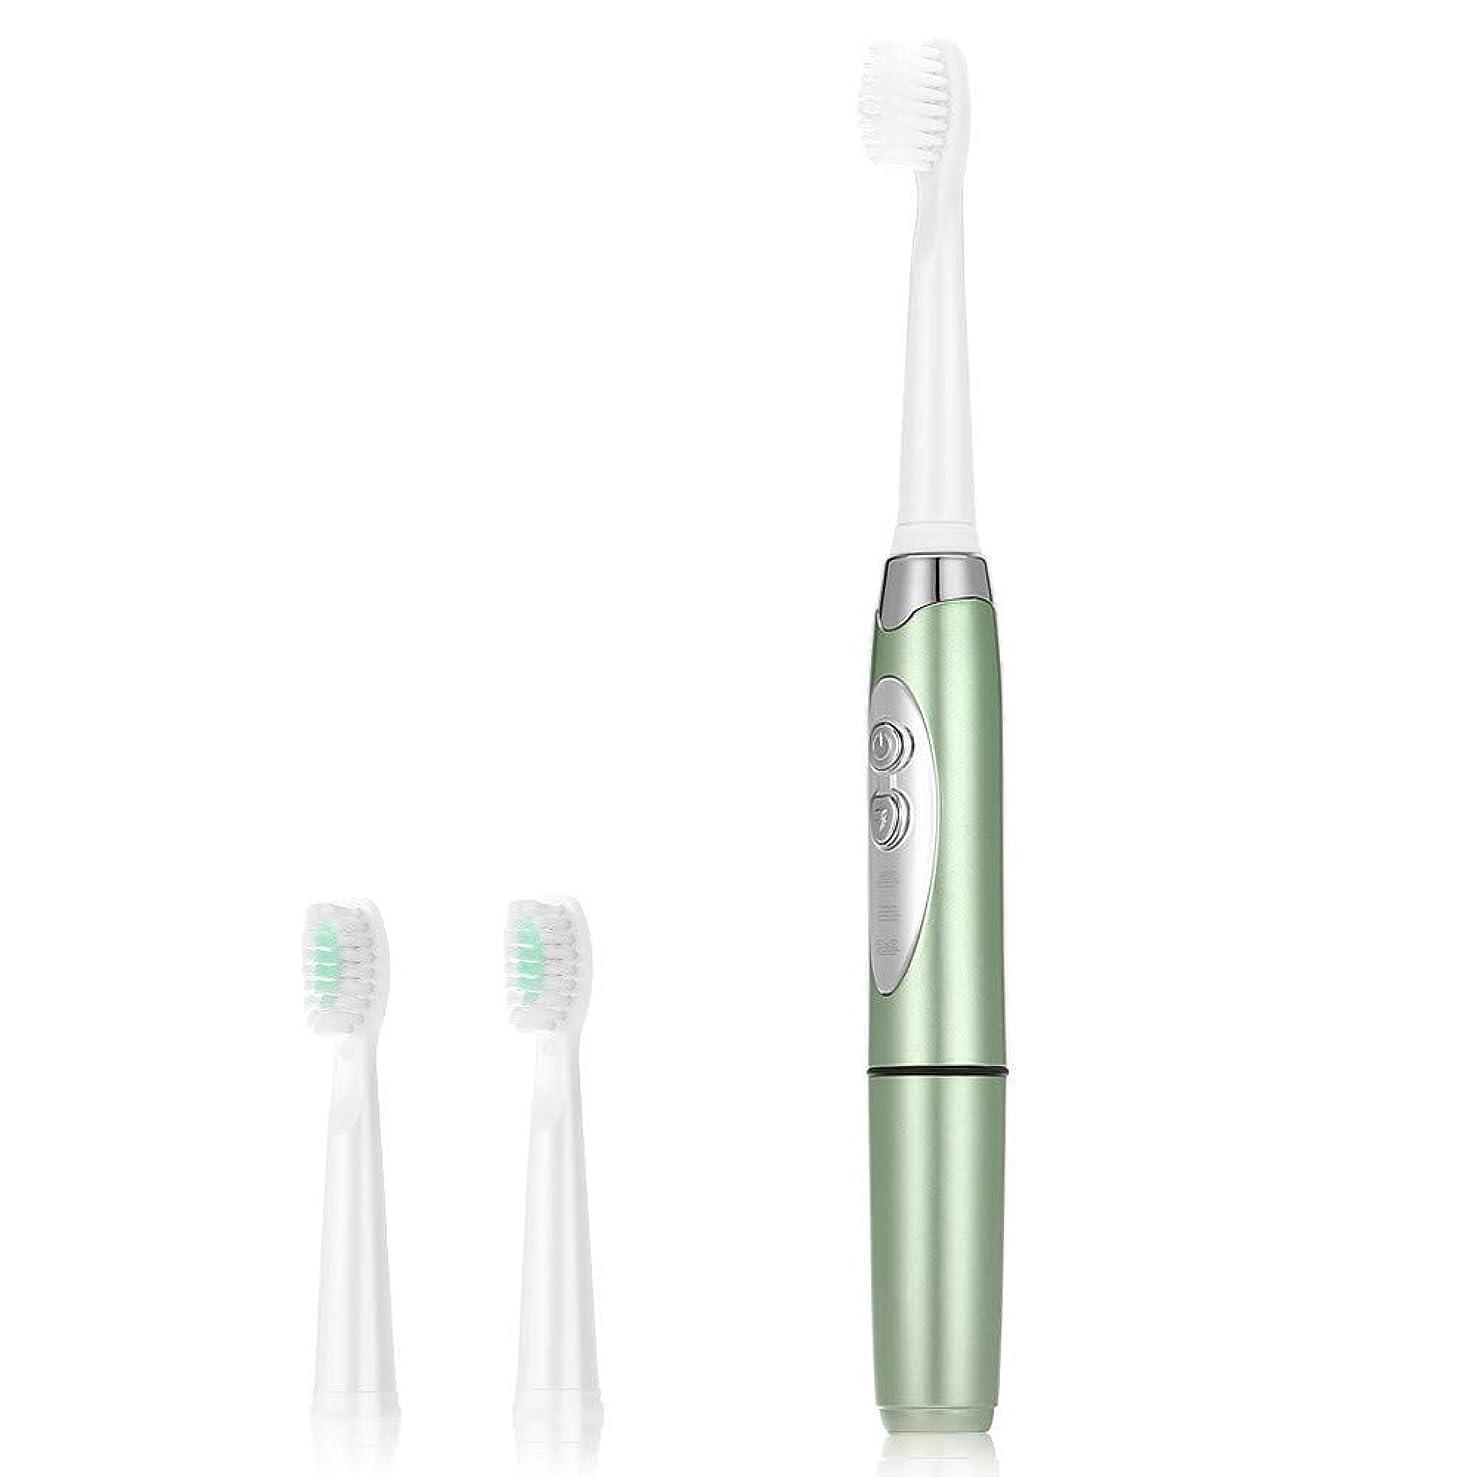 吸収剤ローマ人心理的に電動歯ブラシ大人のための電動ソニック歯ブラシ3つのクリーニングモード防水ホワイトニングバッテリー電源3個ブラシヘッド